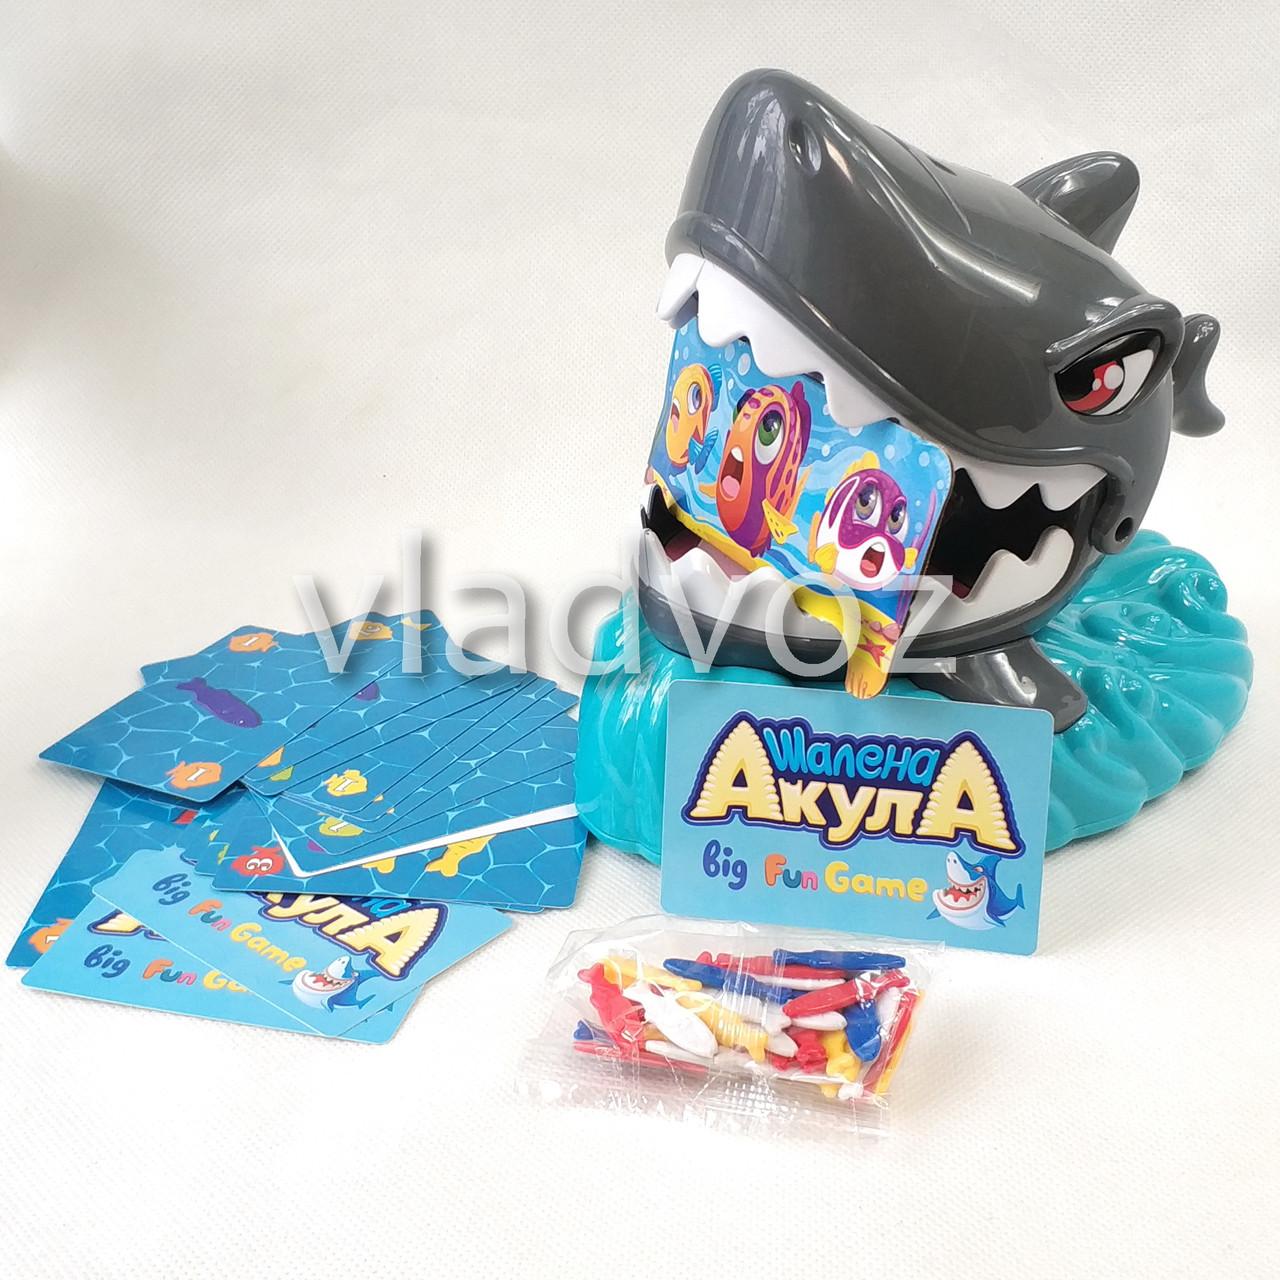 фото игра акула бешеная